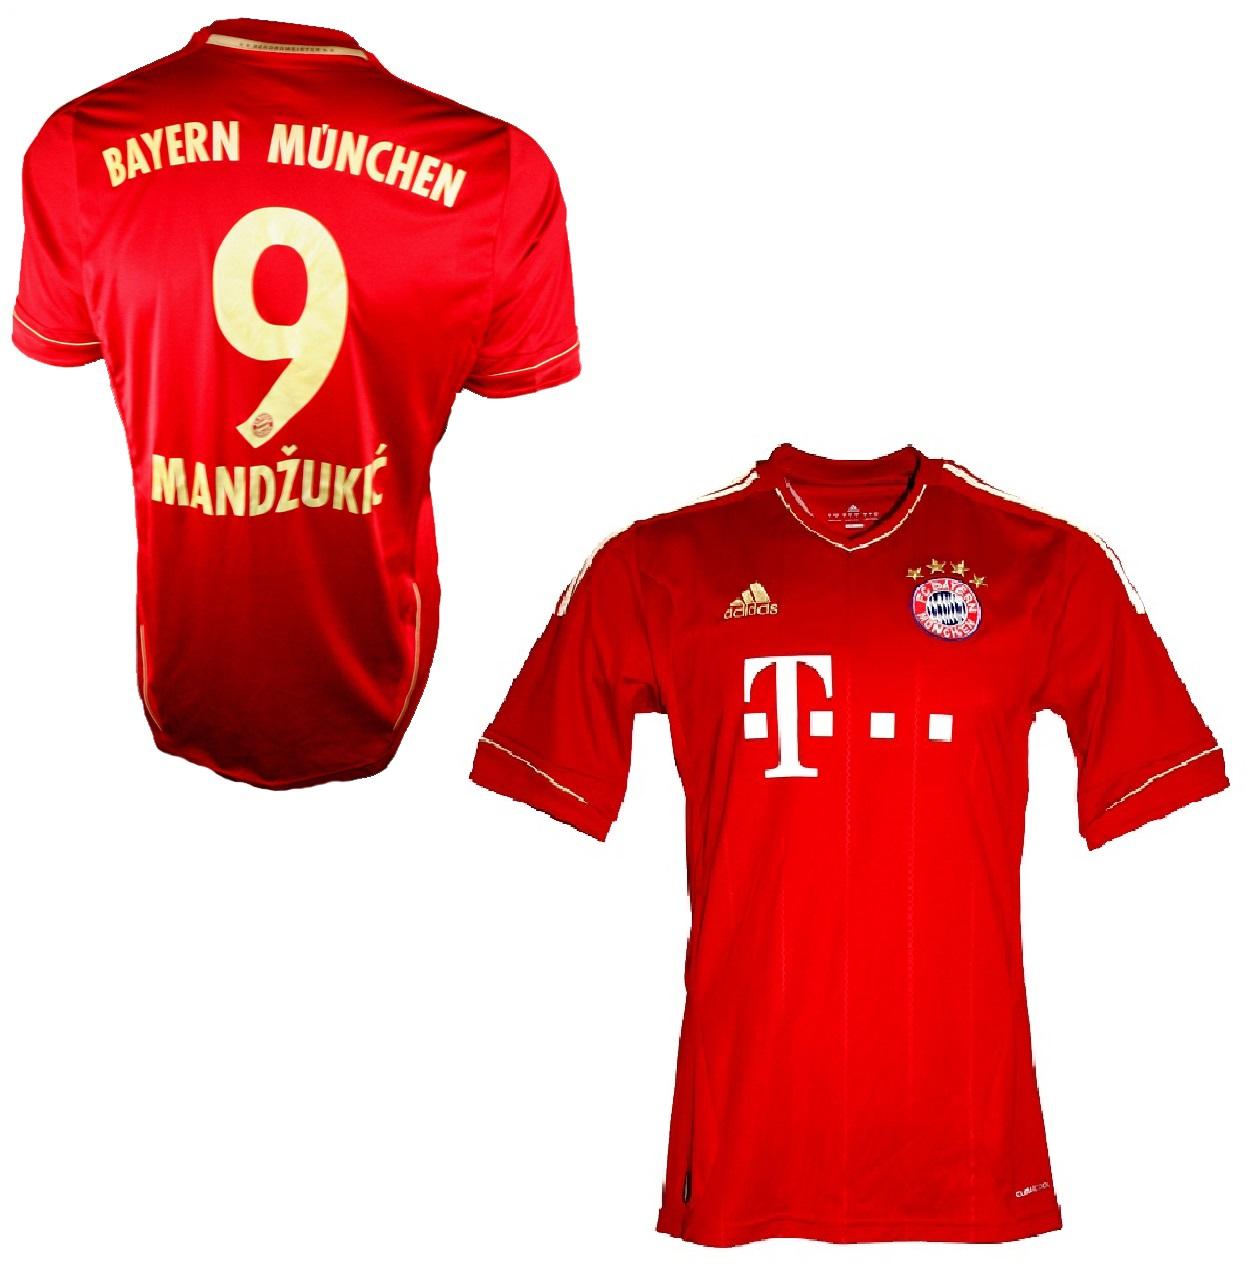 outlet store 7be0c f6726 Adidas FC Bayern Munich jersey 9 Mario Mandzukic 2012/13 ...